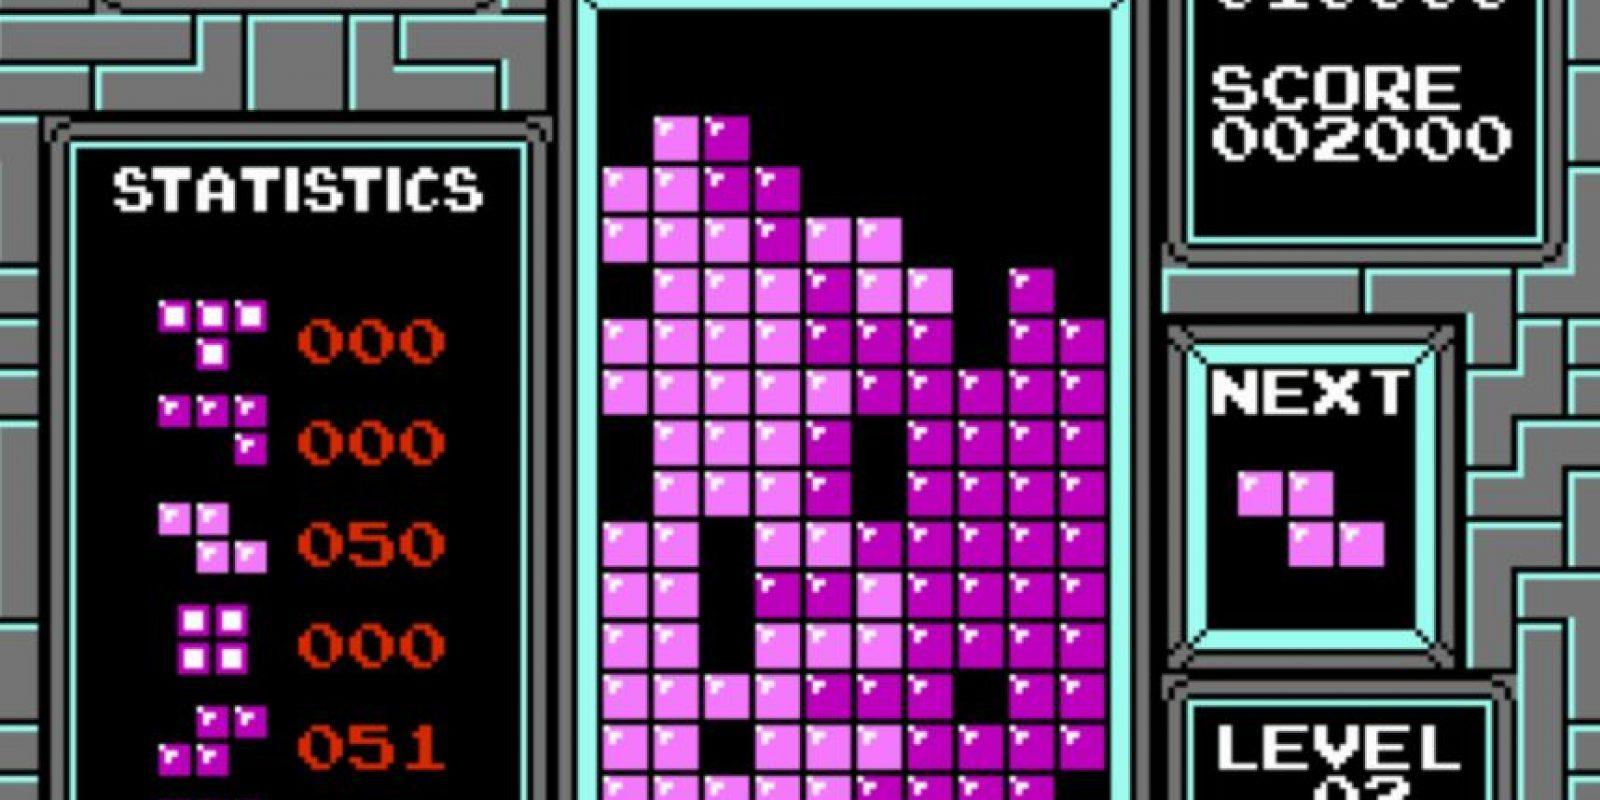 La primera edición del juego Tetris Foto:taringa.net